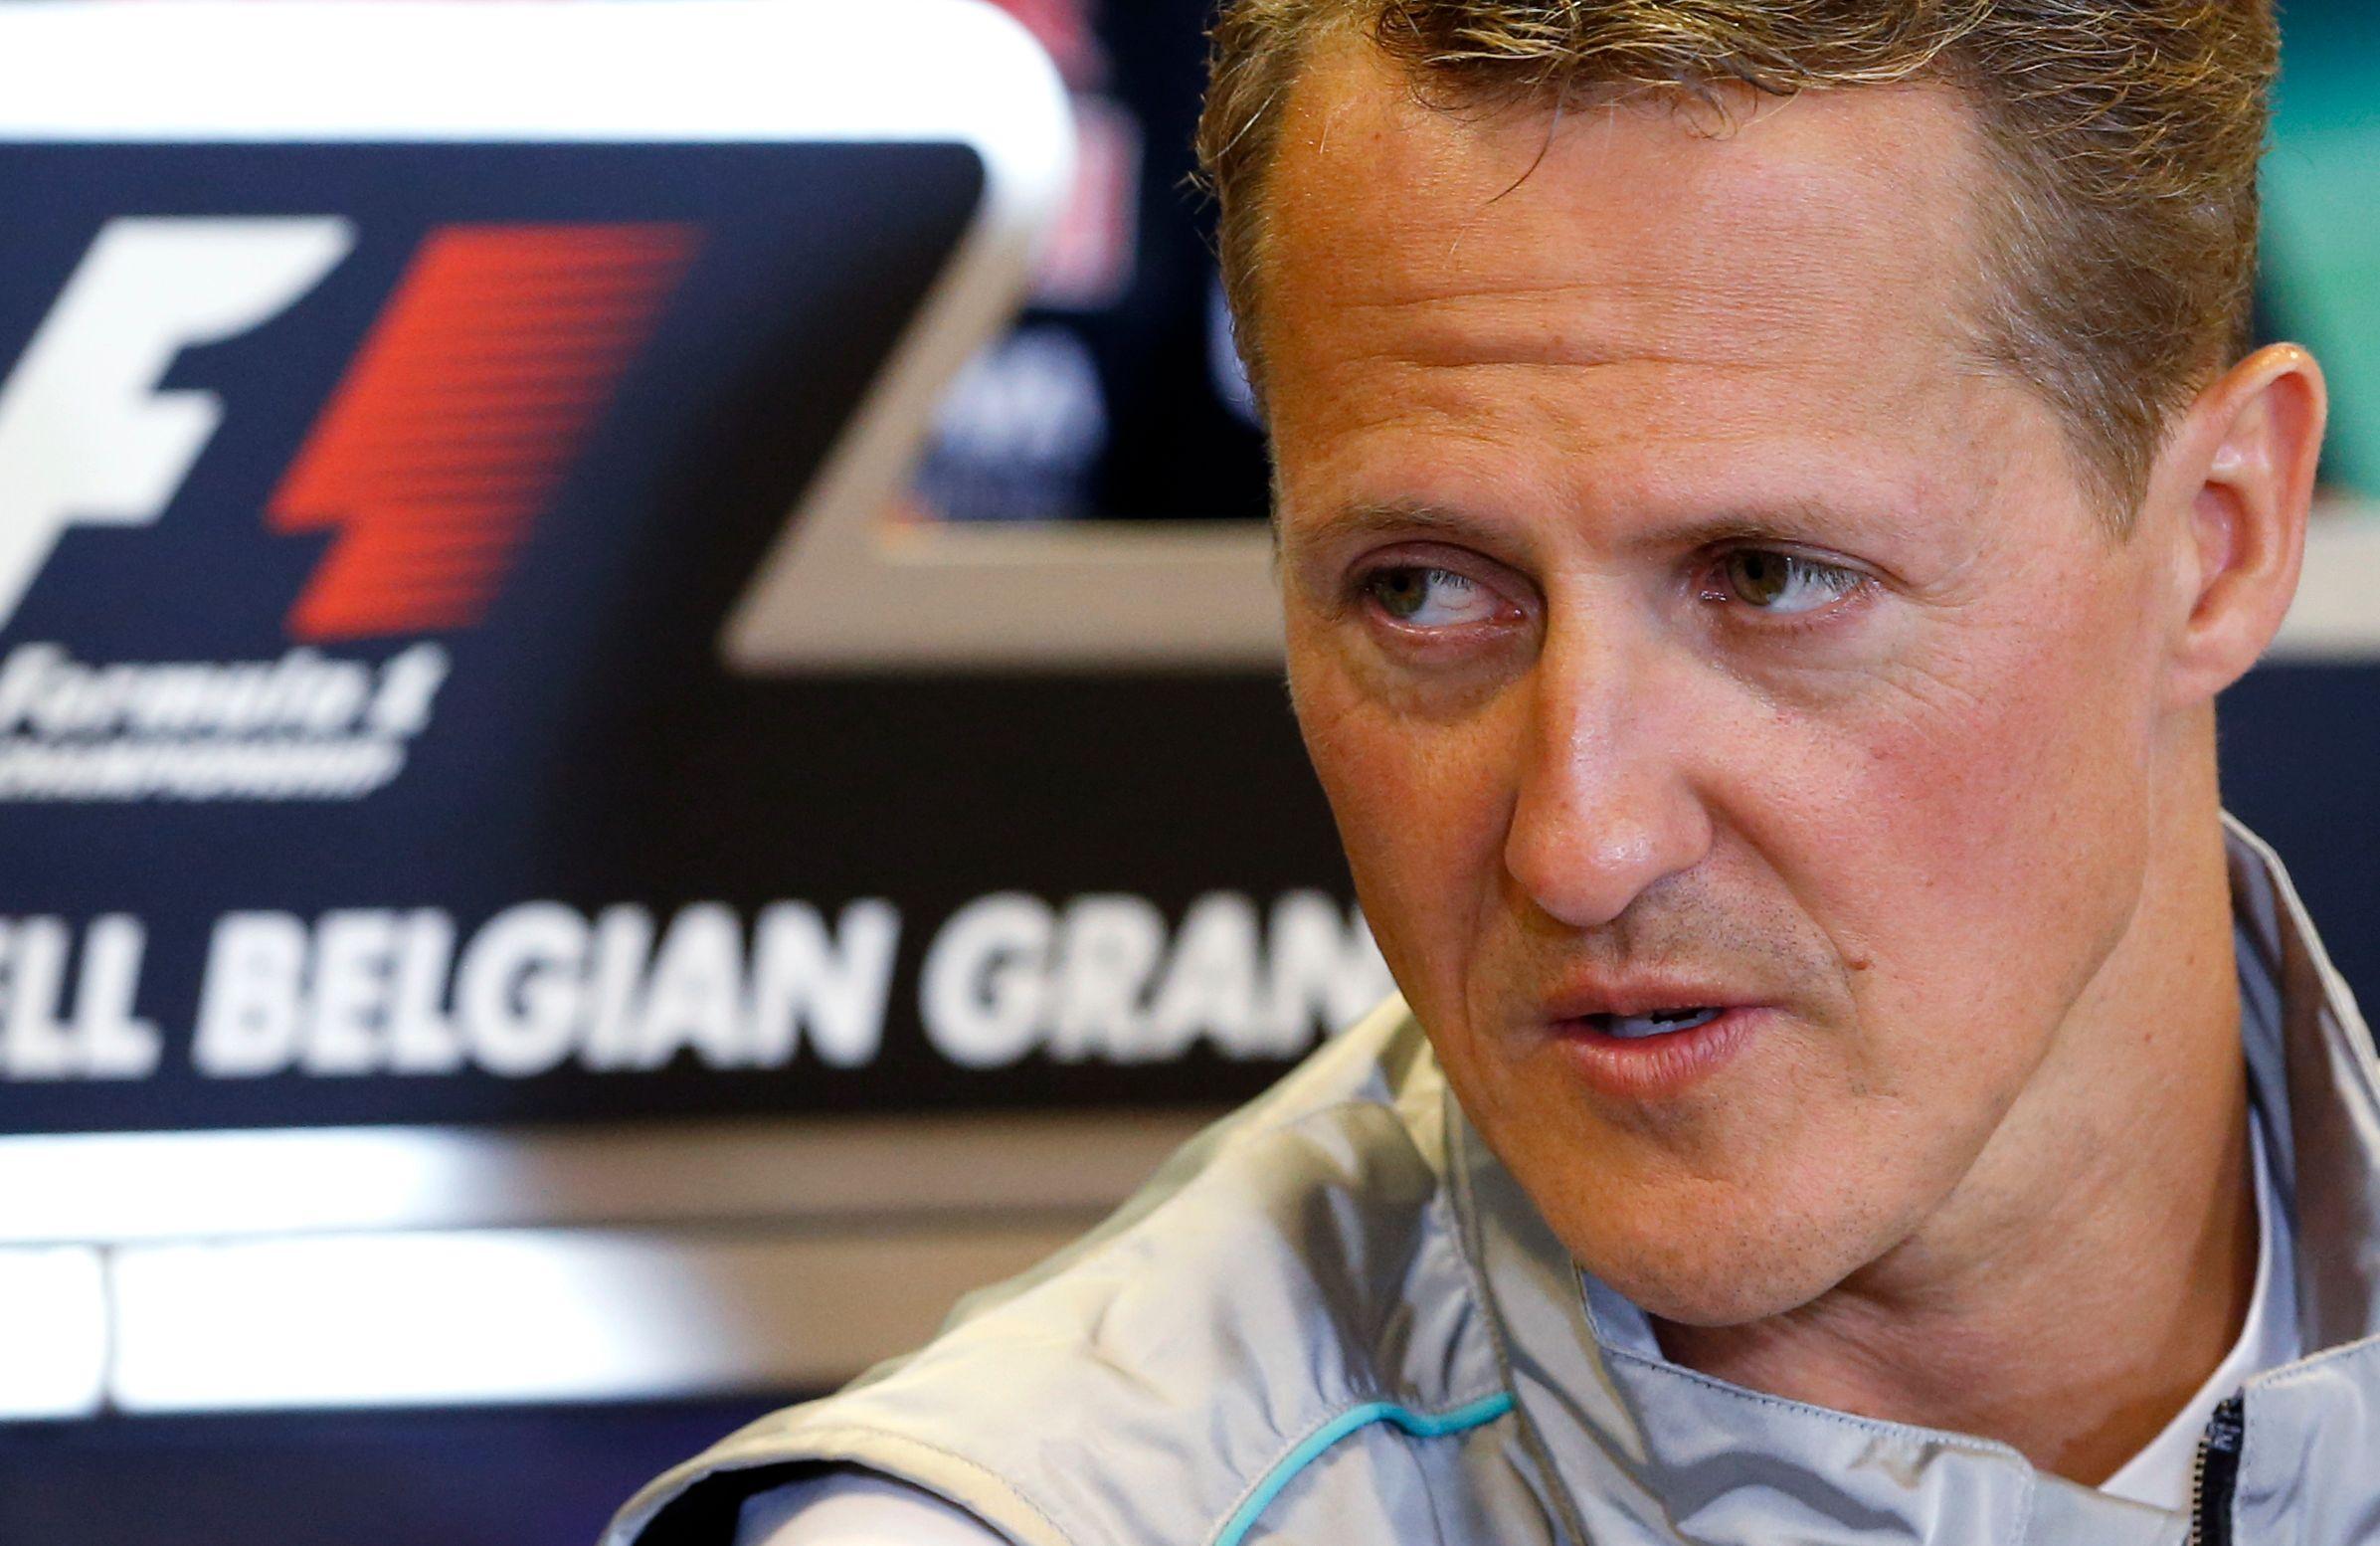 L'état de santé de Michael Schumacher s'améliore quelque peu